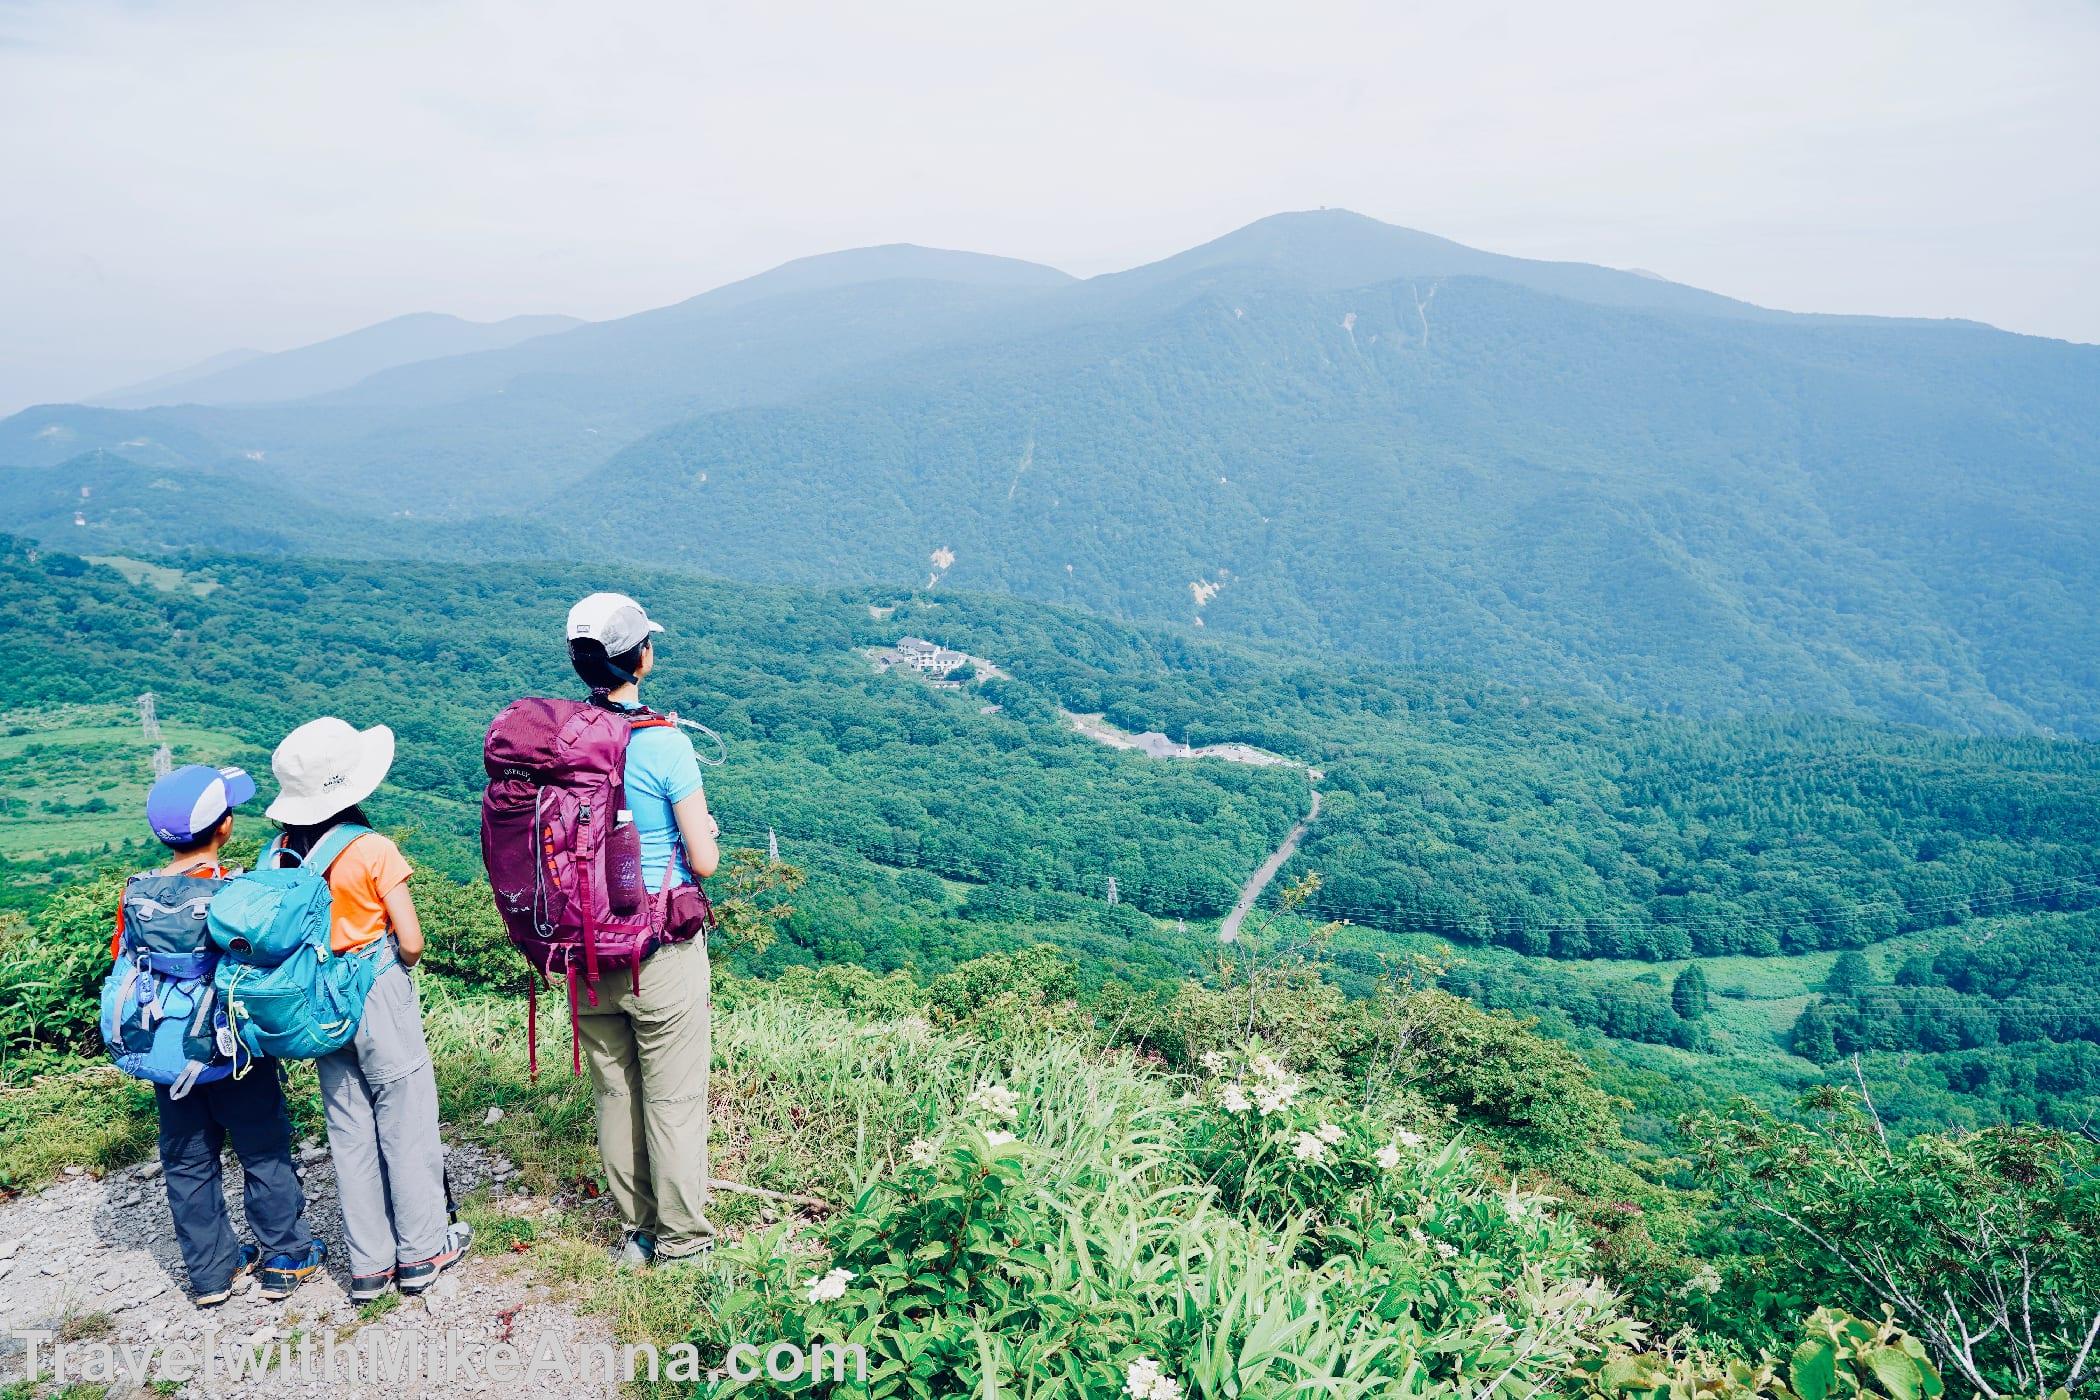 安達 太良 山